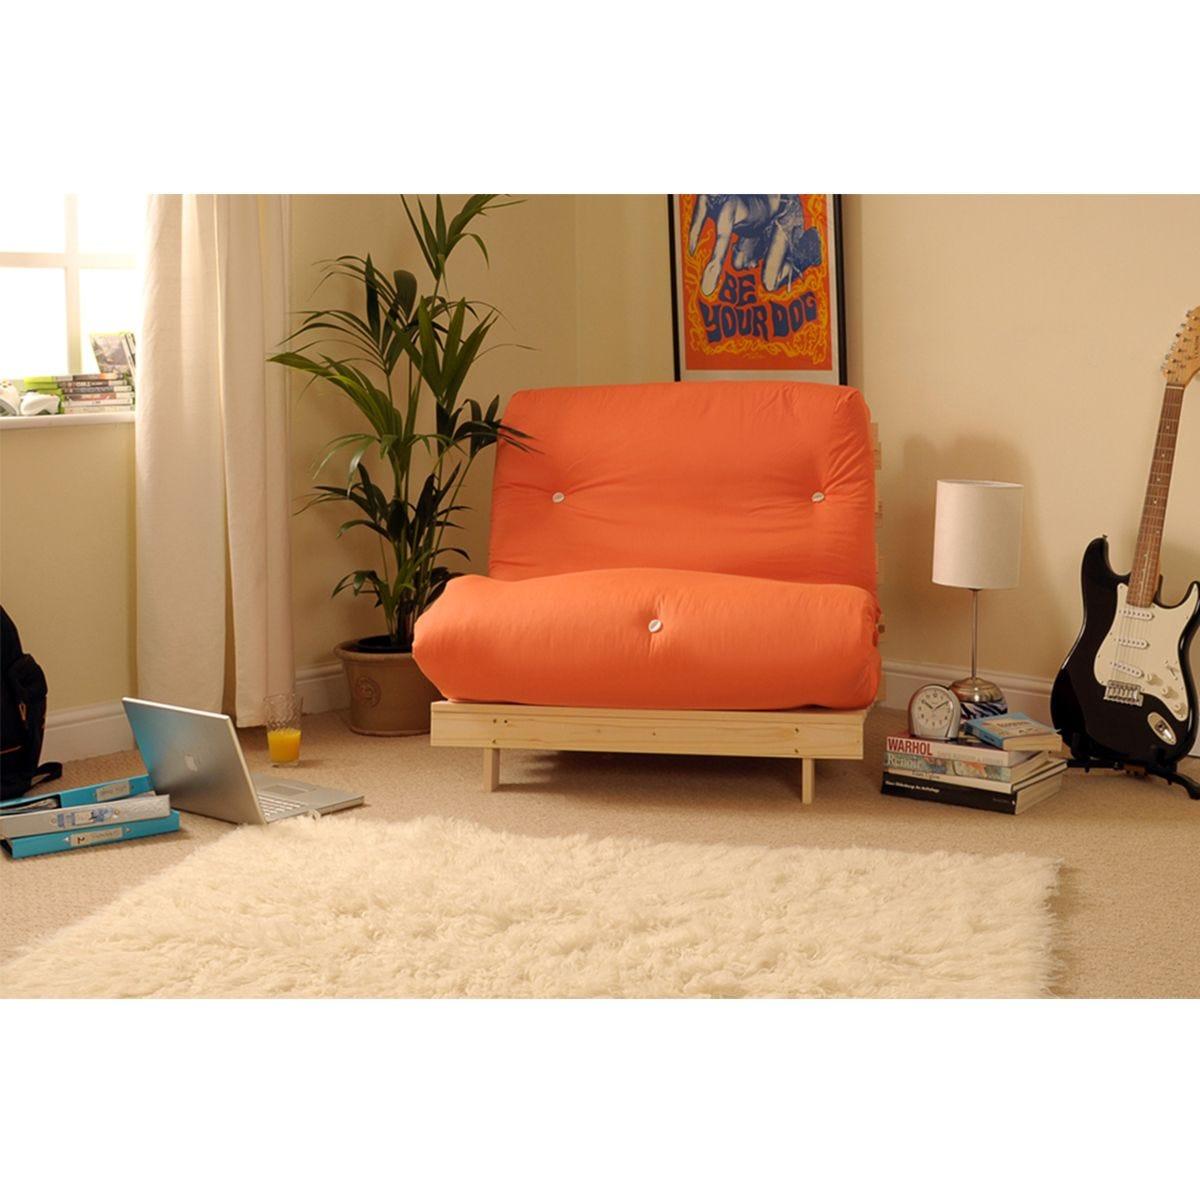 Albury Orange Futon Set With Tufted Mattress - Small Double